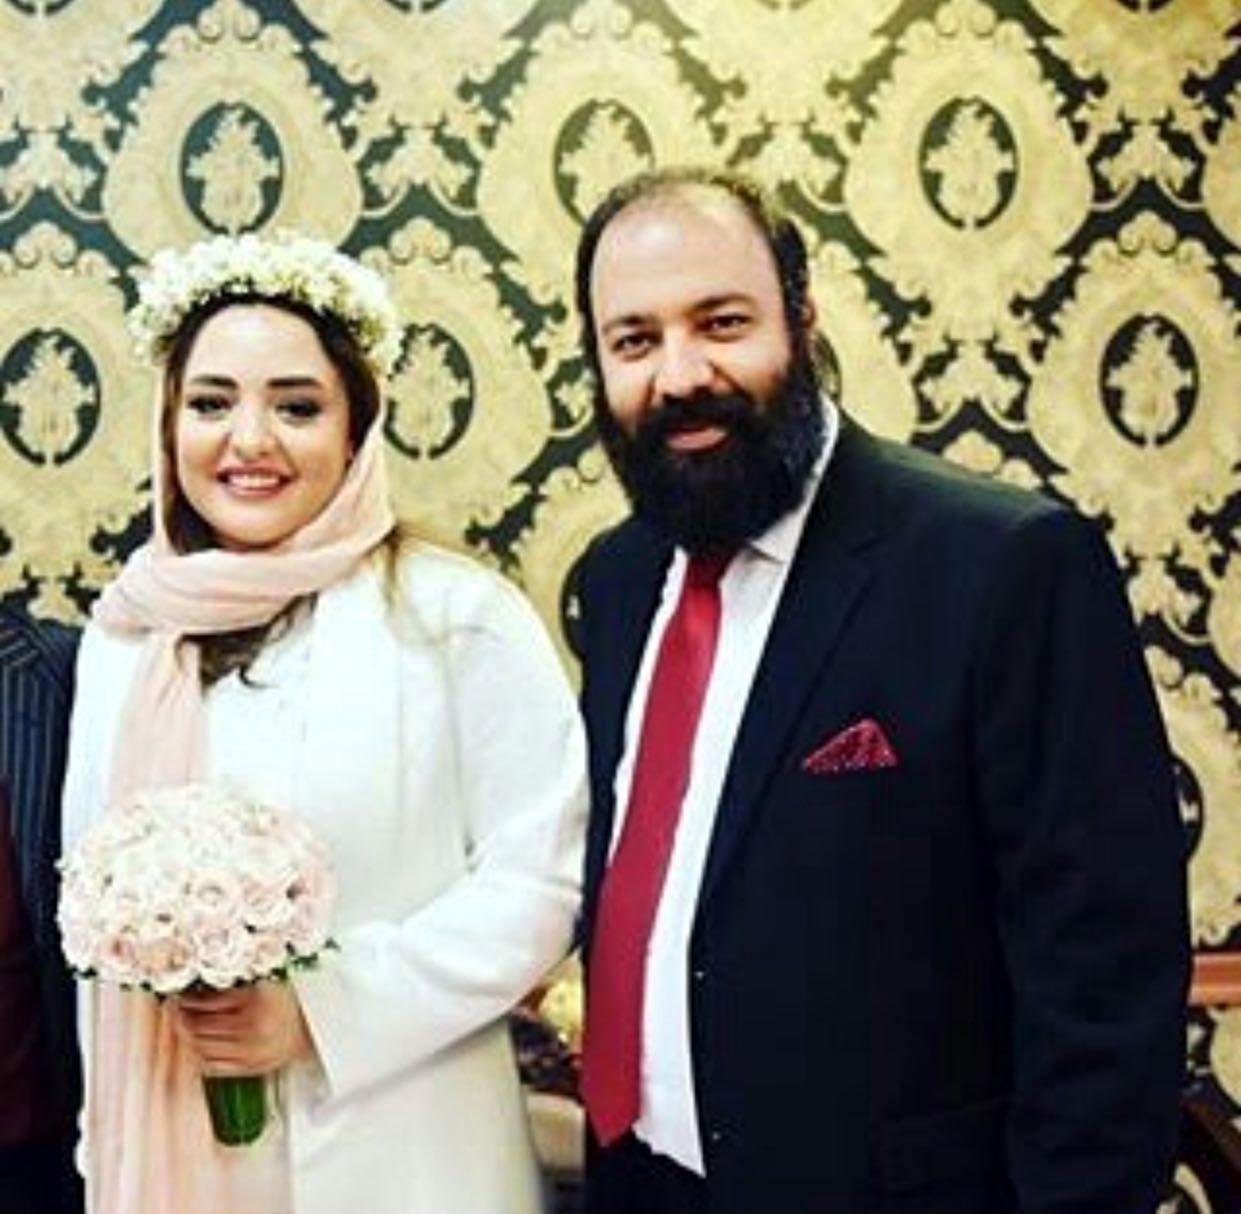 عکس های جدید عروسی نرگس محمدی | تصاویر جدید از مراسم ازدواج علی ...